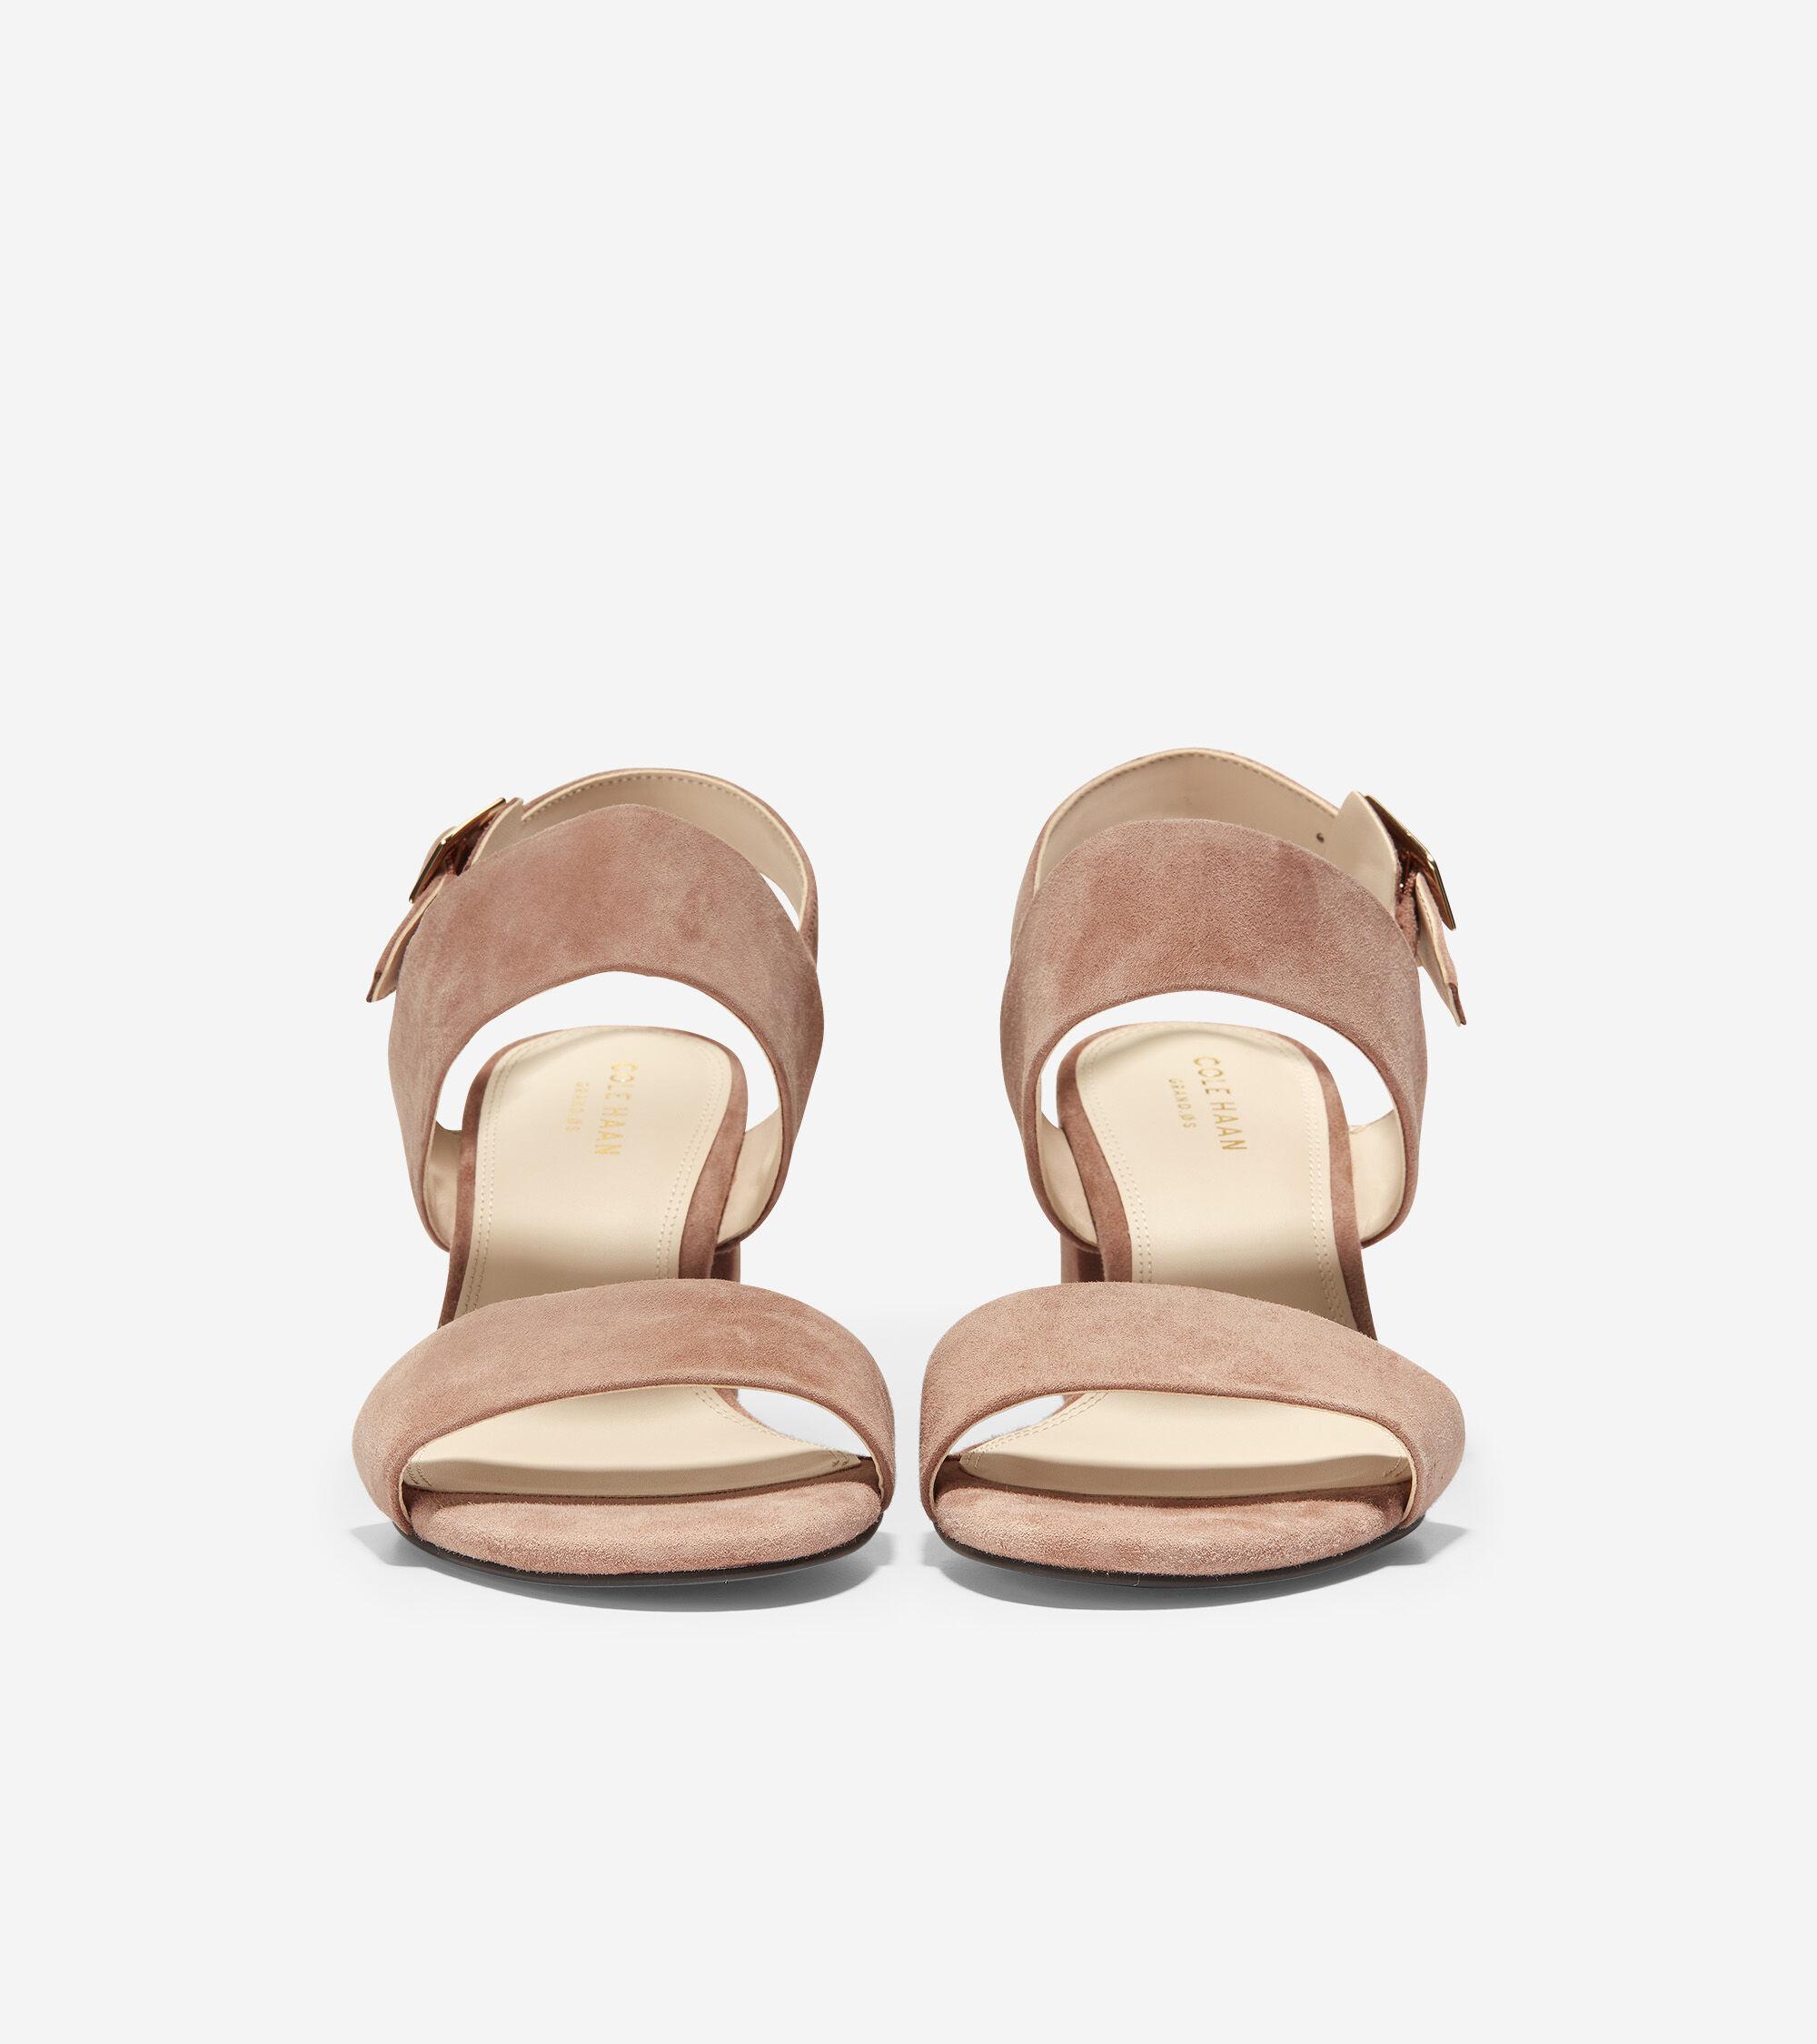 b9071c1d7 Women s Avani City Sandals 65mm in Mocha